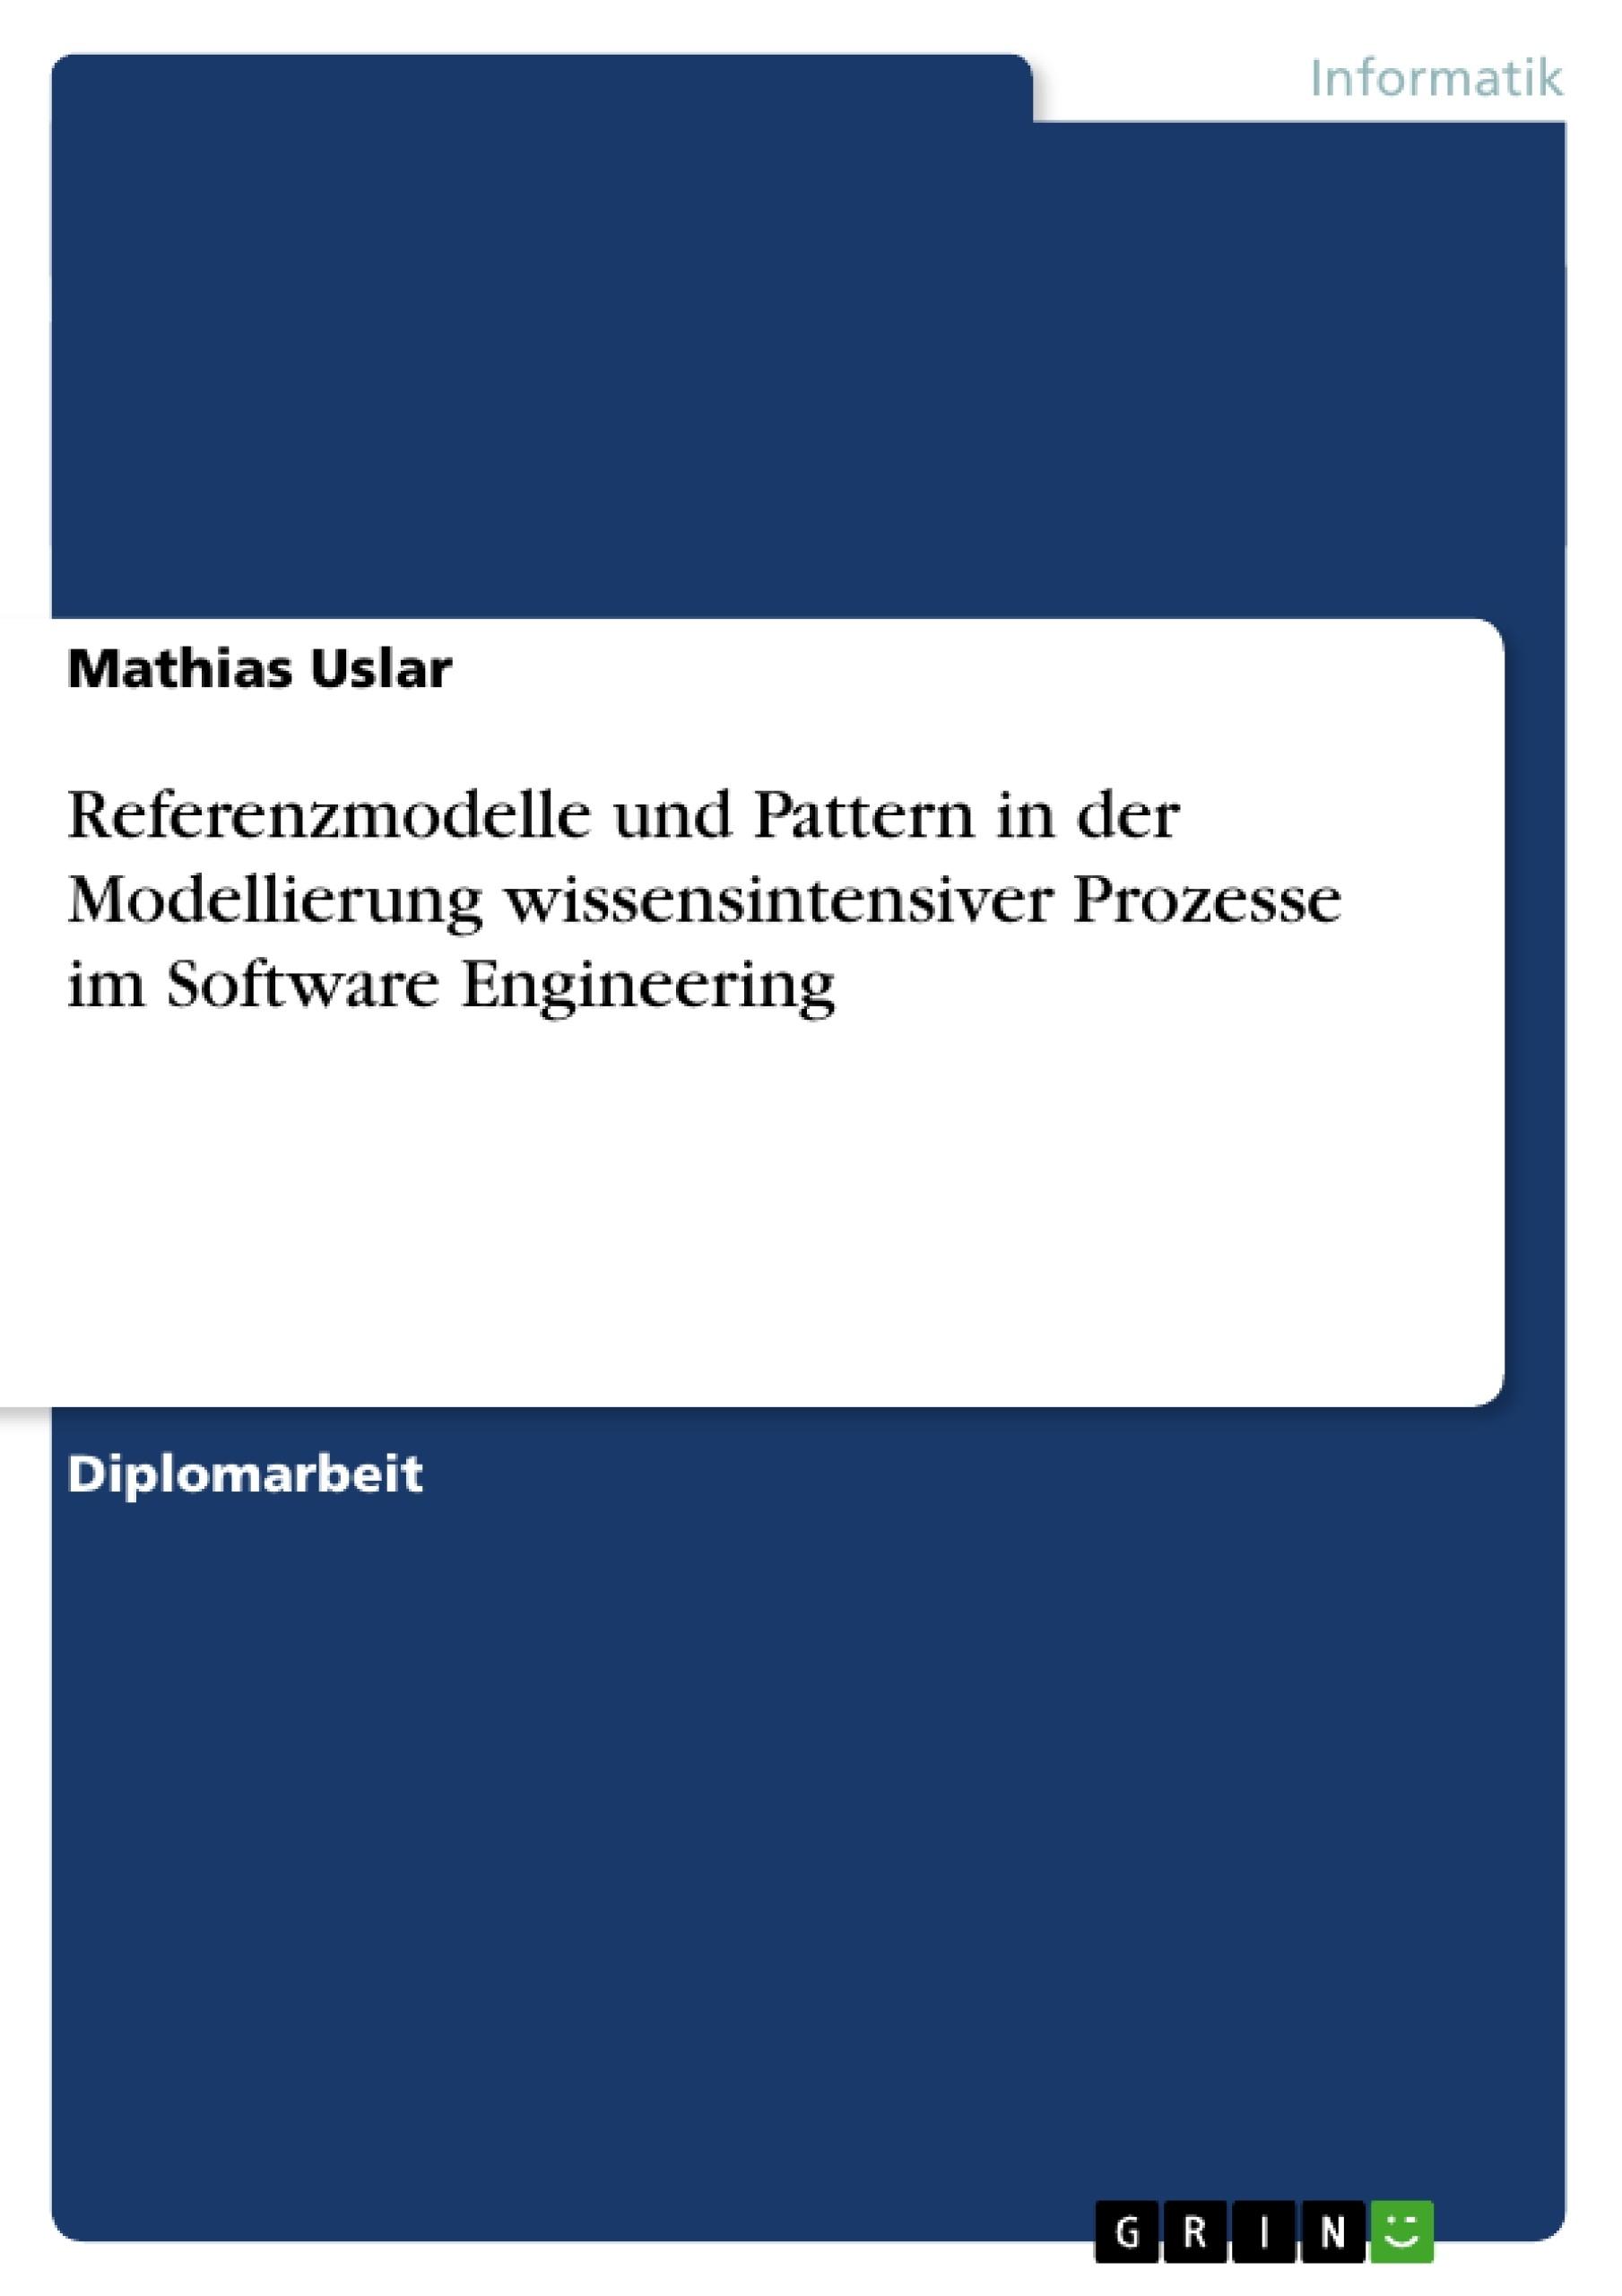 Titel: Referenzmodelle und Pattern in der Modellierung wissensintensiver Prozesse im Software Engineering